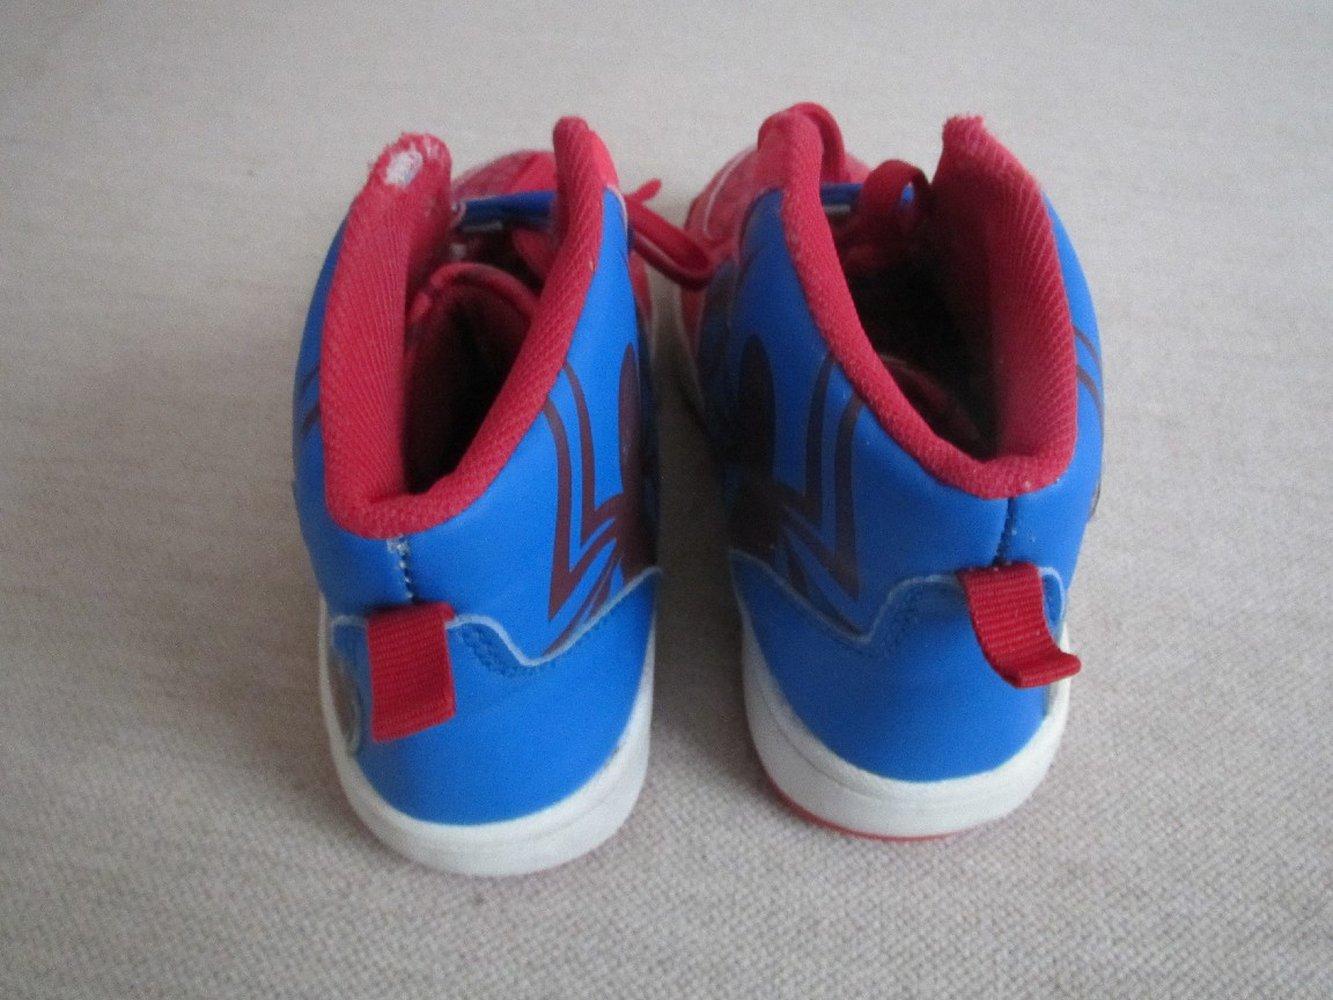 Schuhe Halbschuhe Sneaker Gr. 29 in rot blau Spiderman